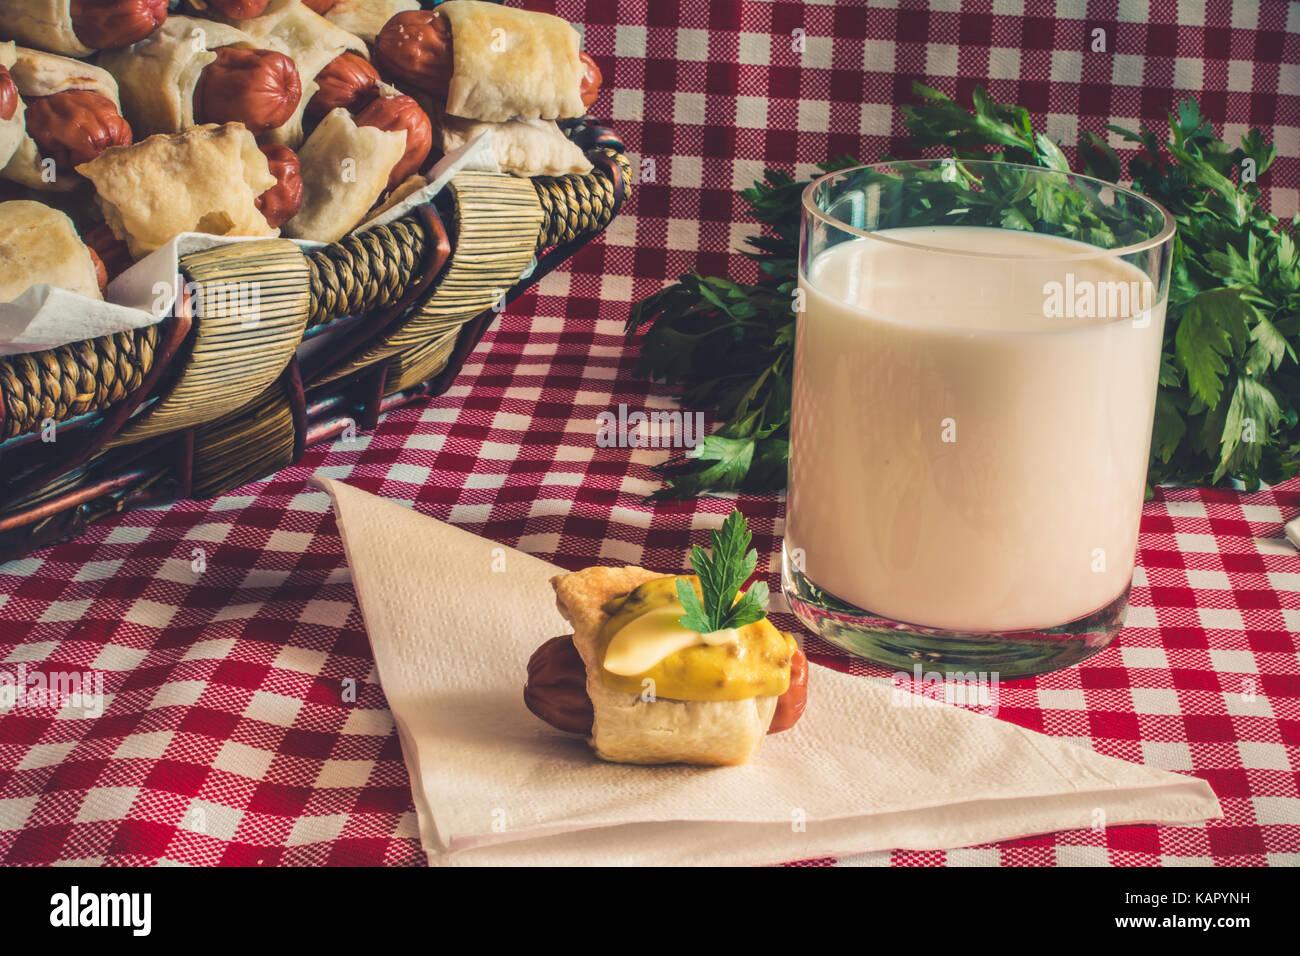 Cesto in Vimini con artigiano mini hot dogs (salsiccia nell'impasto) con salsiccia su un tovagliolo coperte di senape, Foto Stock